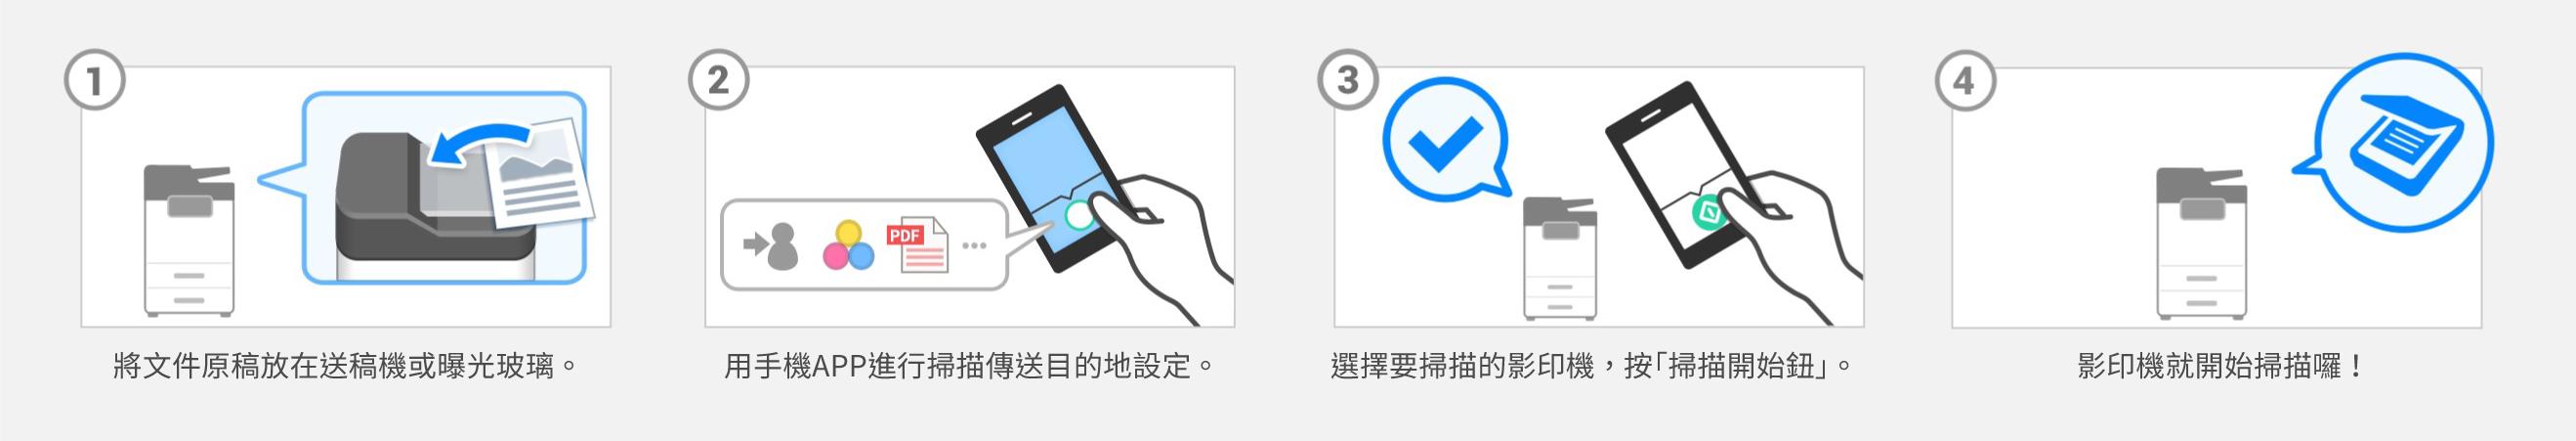 零接觸_辦公室設備_影印機掃描_影印機APP_RICOH Smart Device Connector